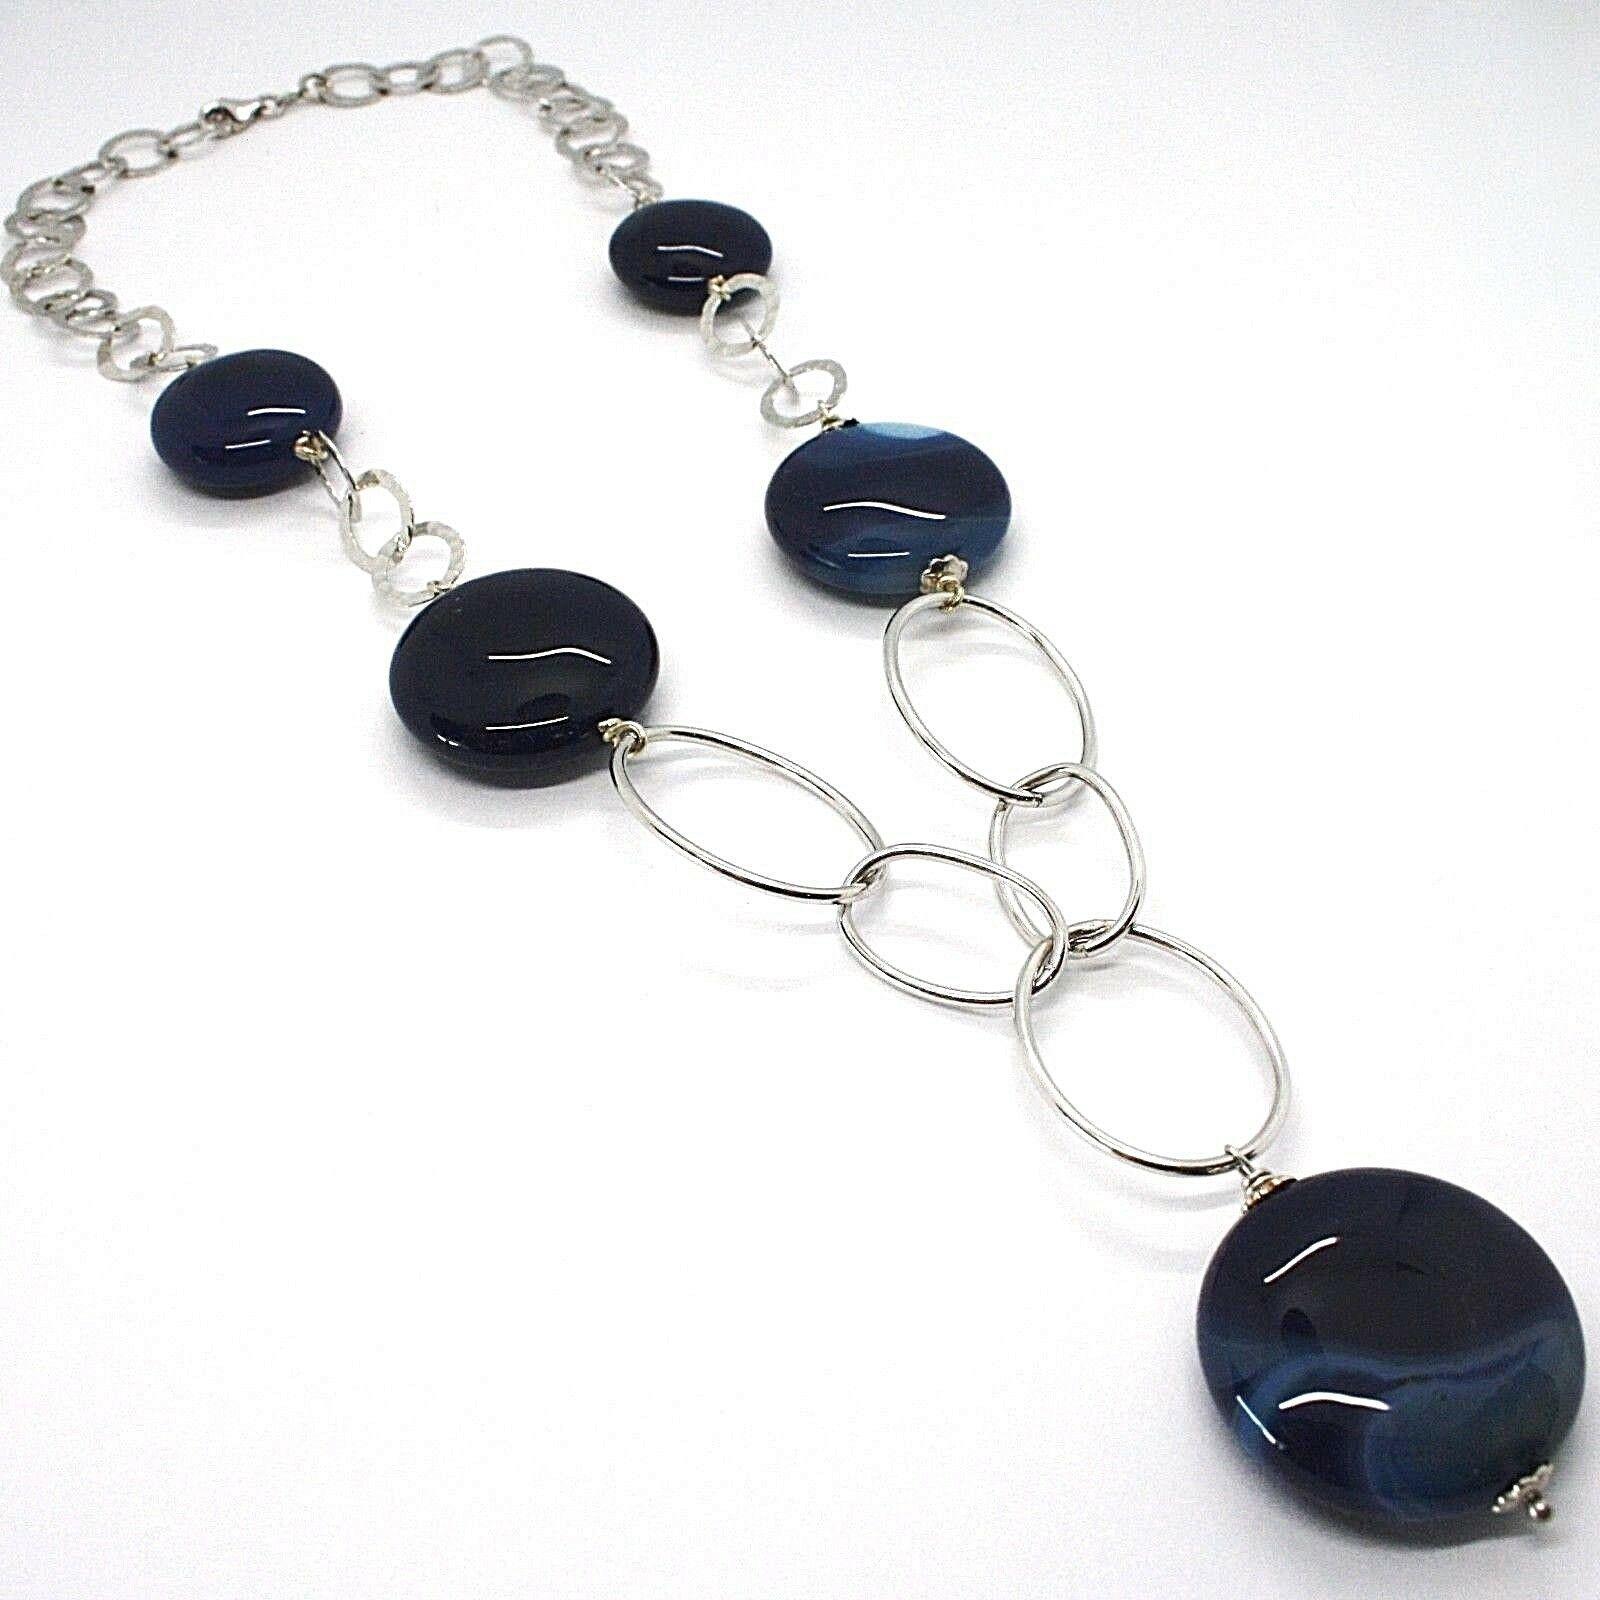 925 Silber Halskette,Achat Blau Gebändert,Disco,mit Charm Anhänger,Länge 50 CM